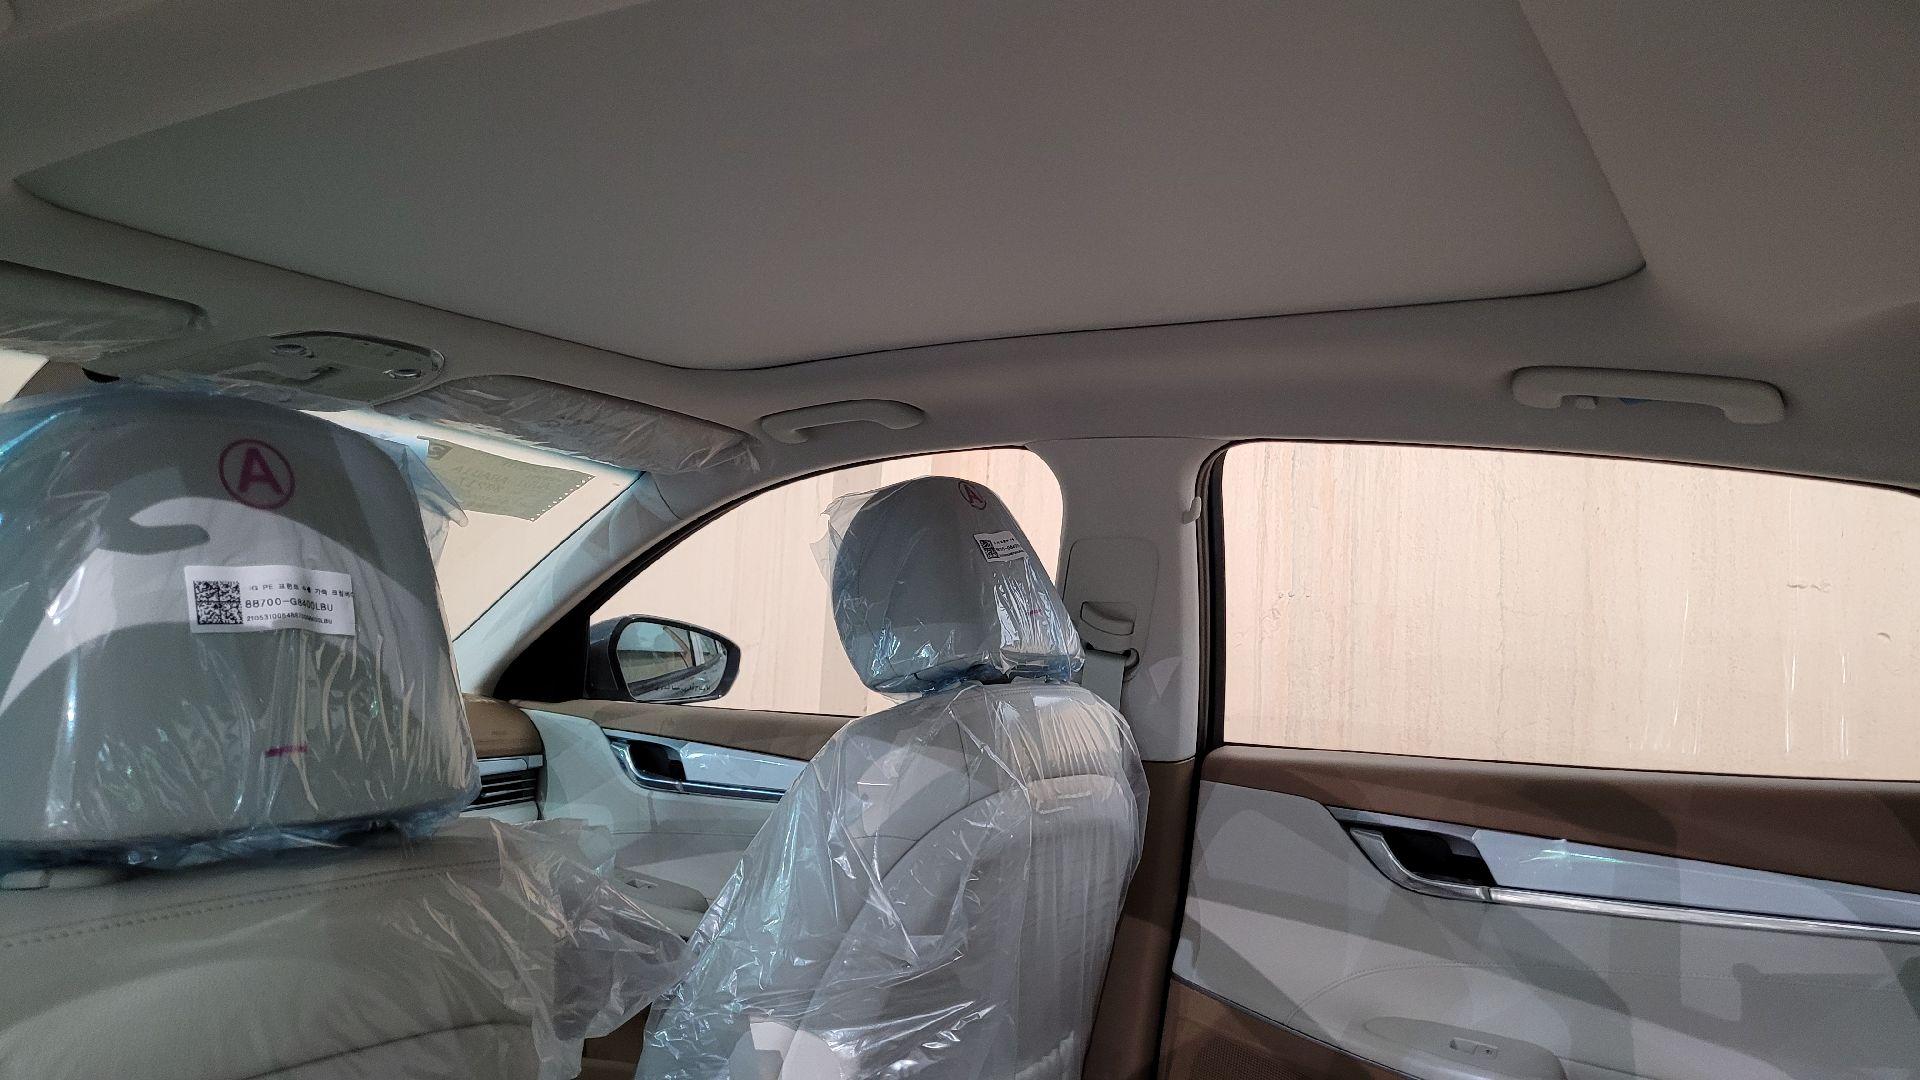 هونداي ازيرا Smart 2022 ستاندر سعودي للبيع في الرياض - السعودية - صورة كبيرة - 12